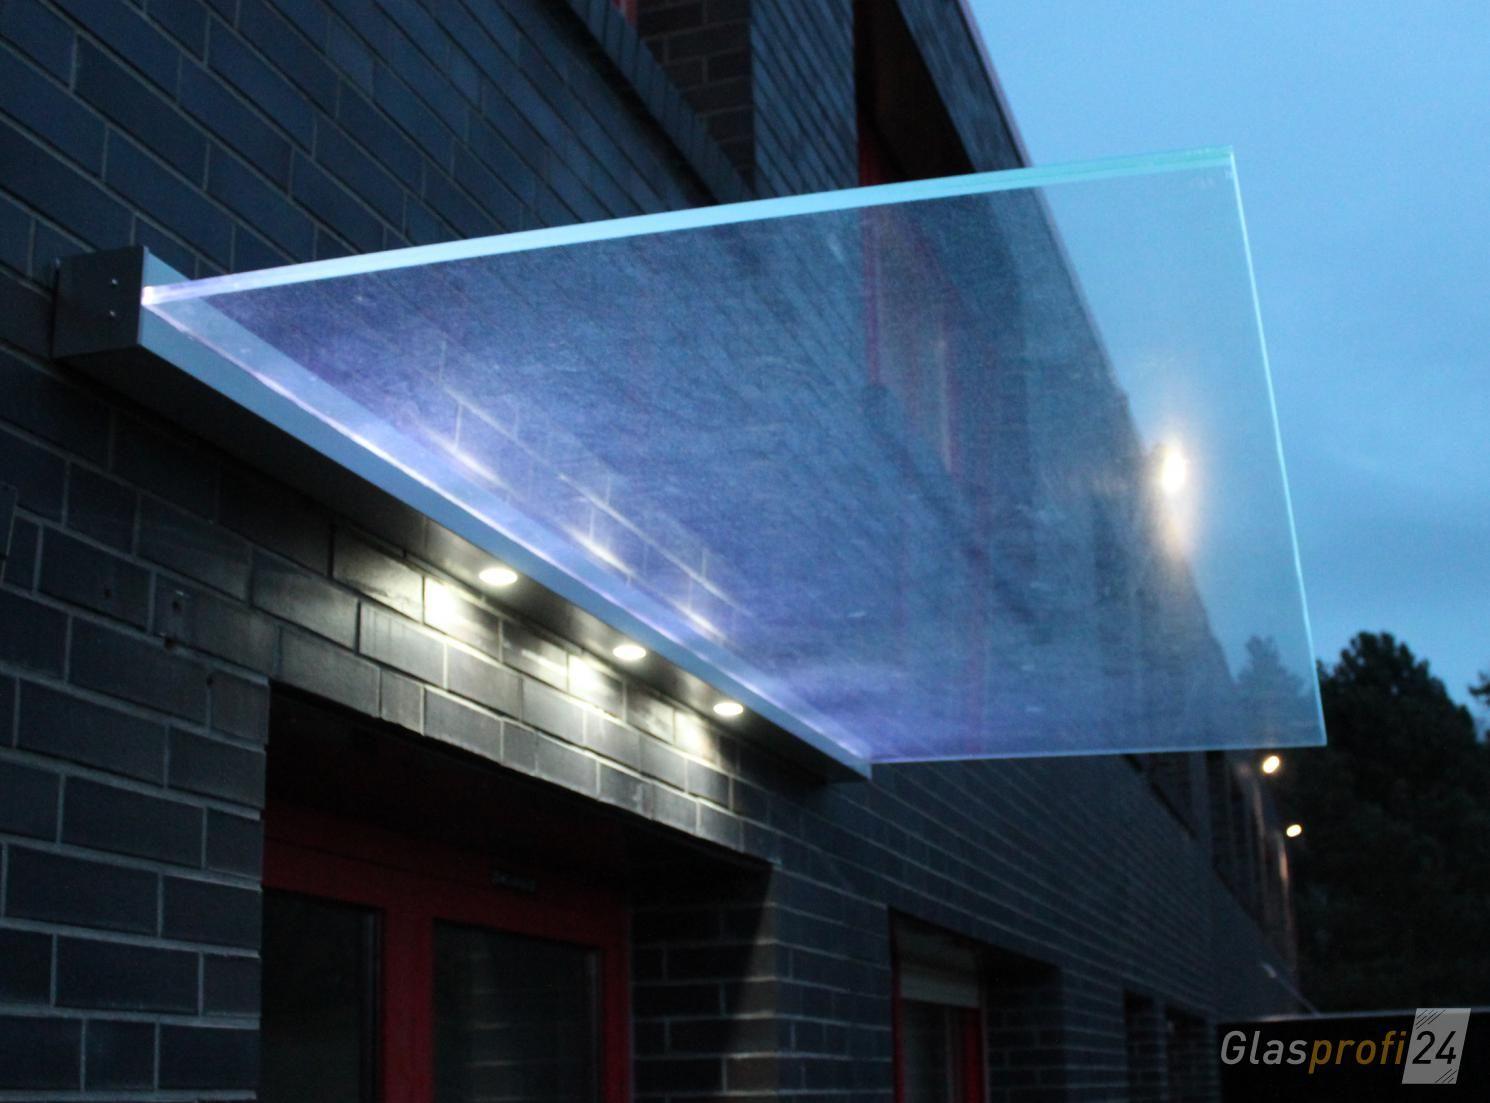 Vordach Dura Mit Beleuchtung 3 Spots Im Profil Und Gluminat Leuchtendes Glas Glasvordach Vordach Glas Vordach